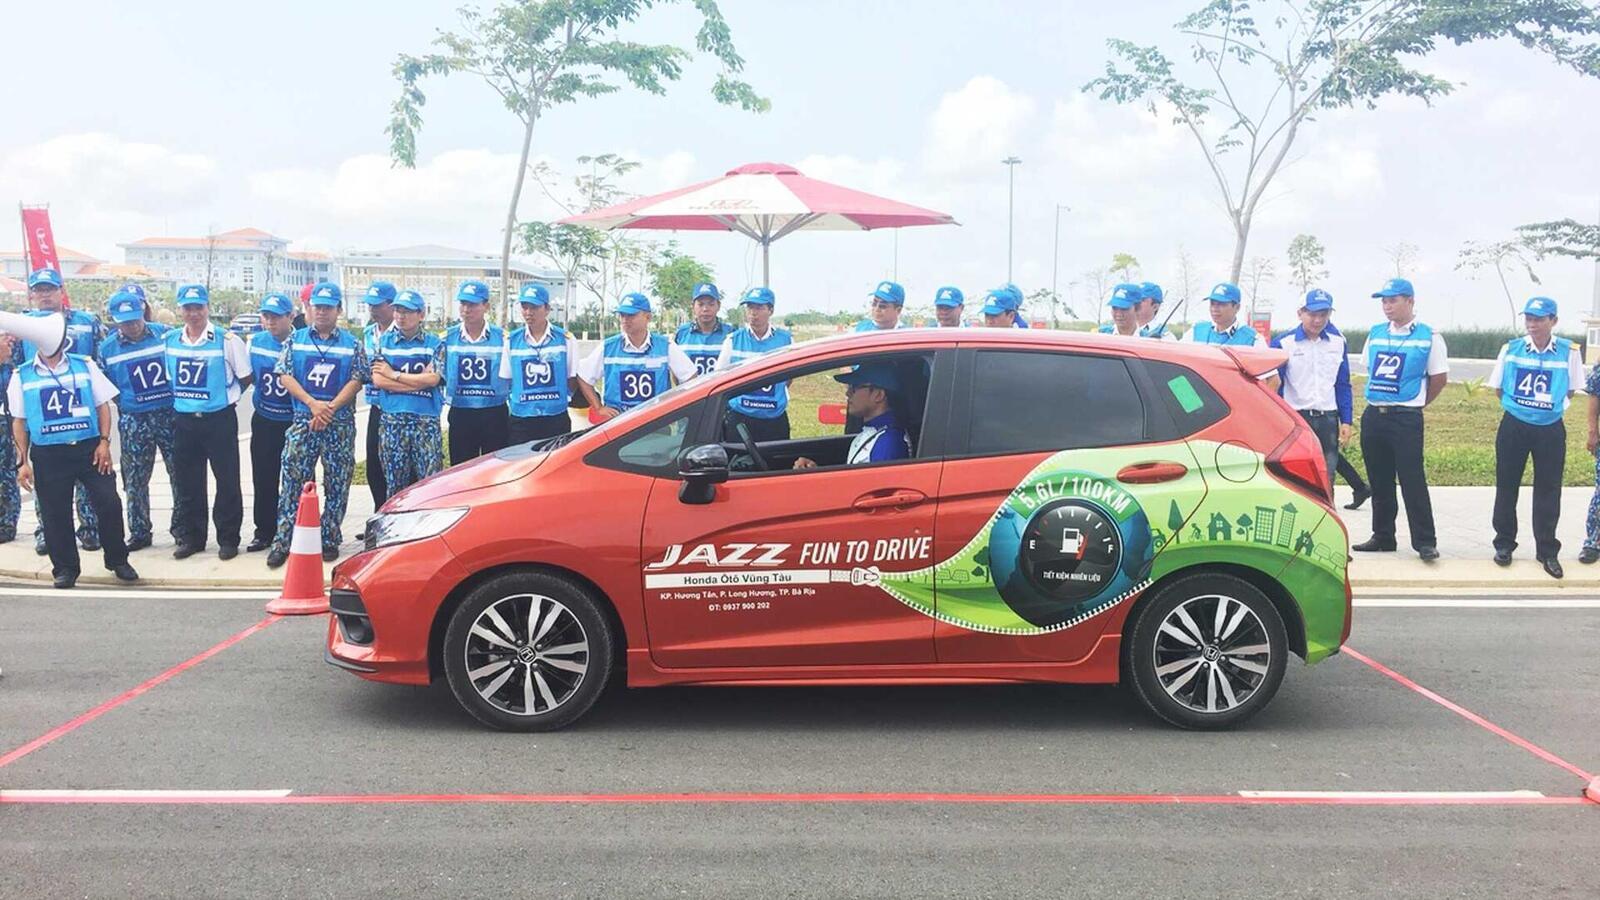 Đại lý Ôtô Honda không ngừng đẩy mạnh hoạt động  đào tạo lái xe an toàn trong cộng đồng - Hình 1